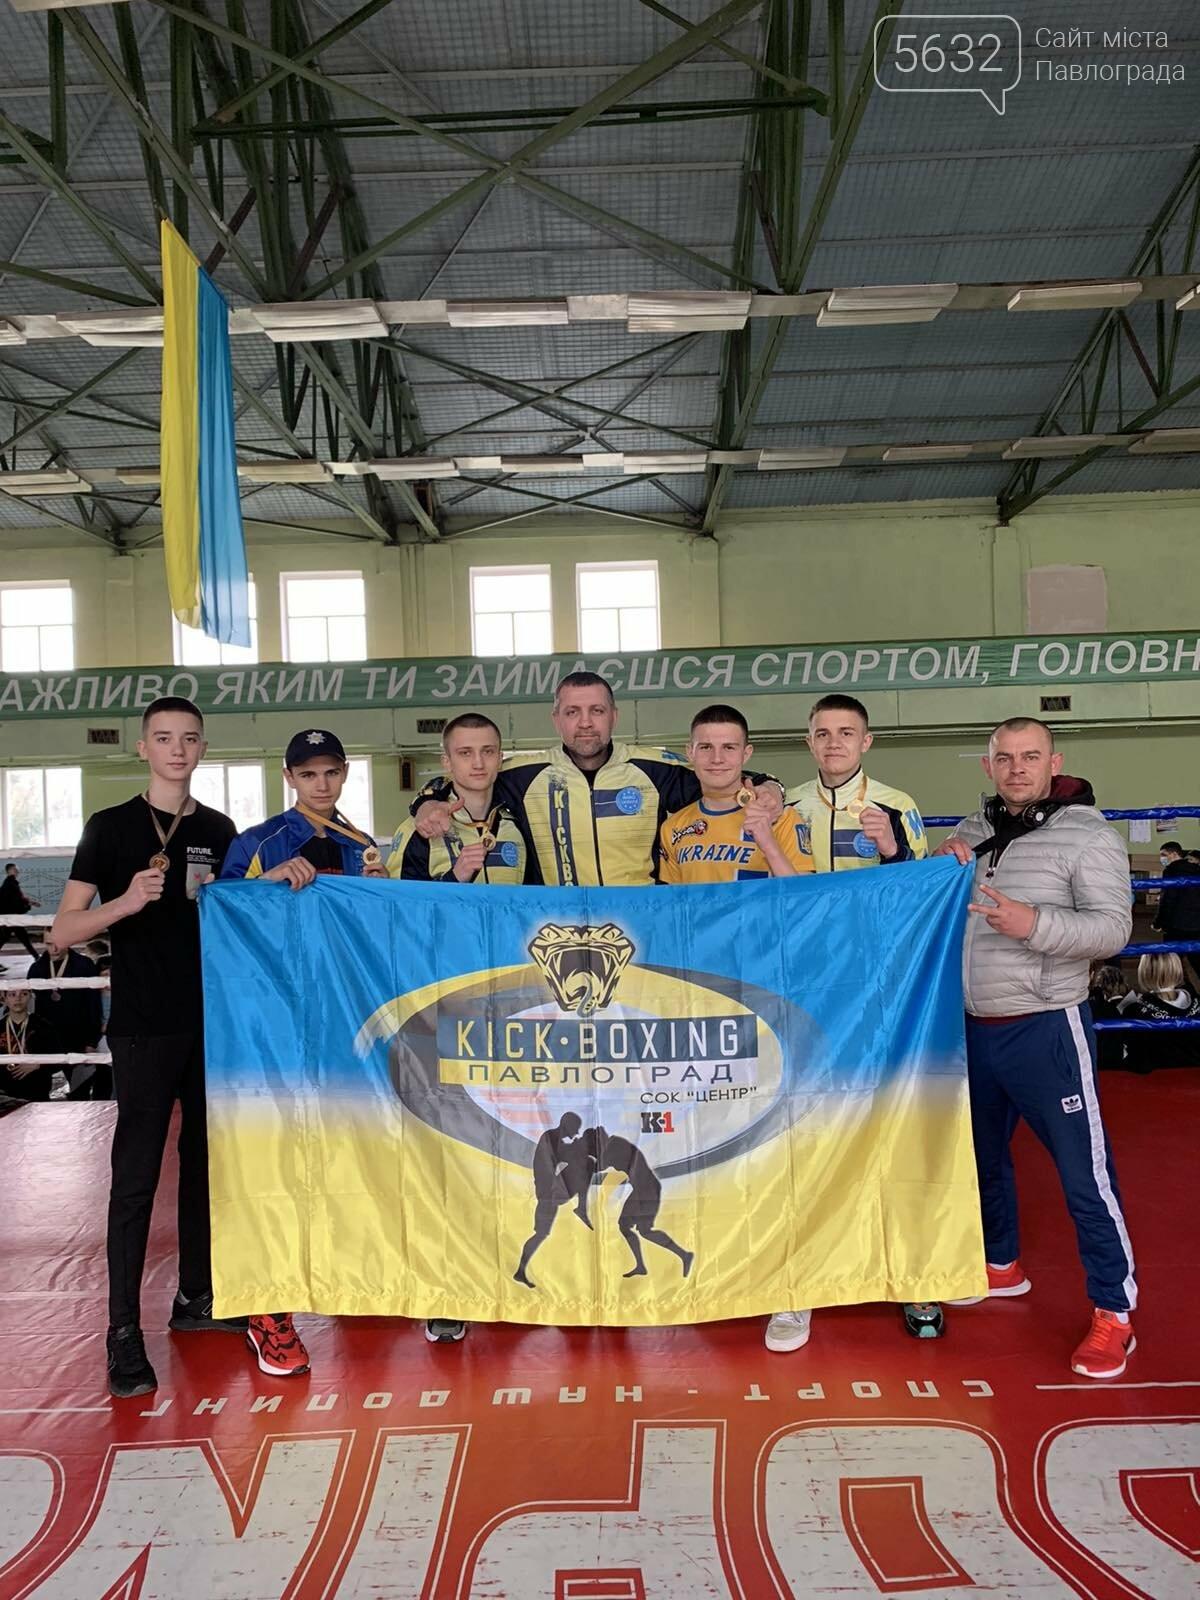 Павлоградские кикбоксеры попали в сборную Украины и поедут на соревнования в Турцию, фото-1